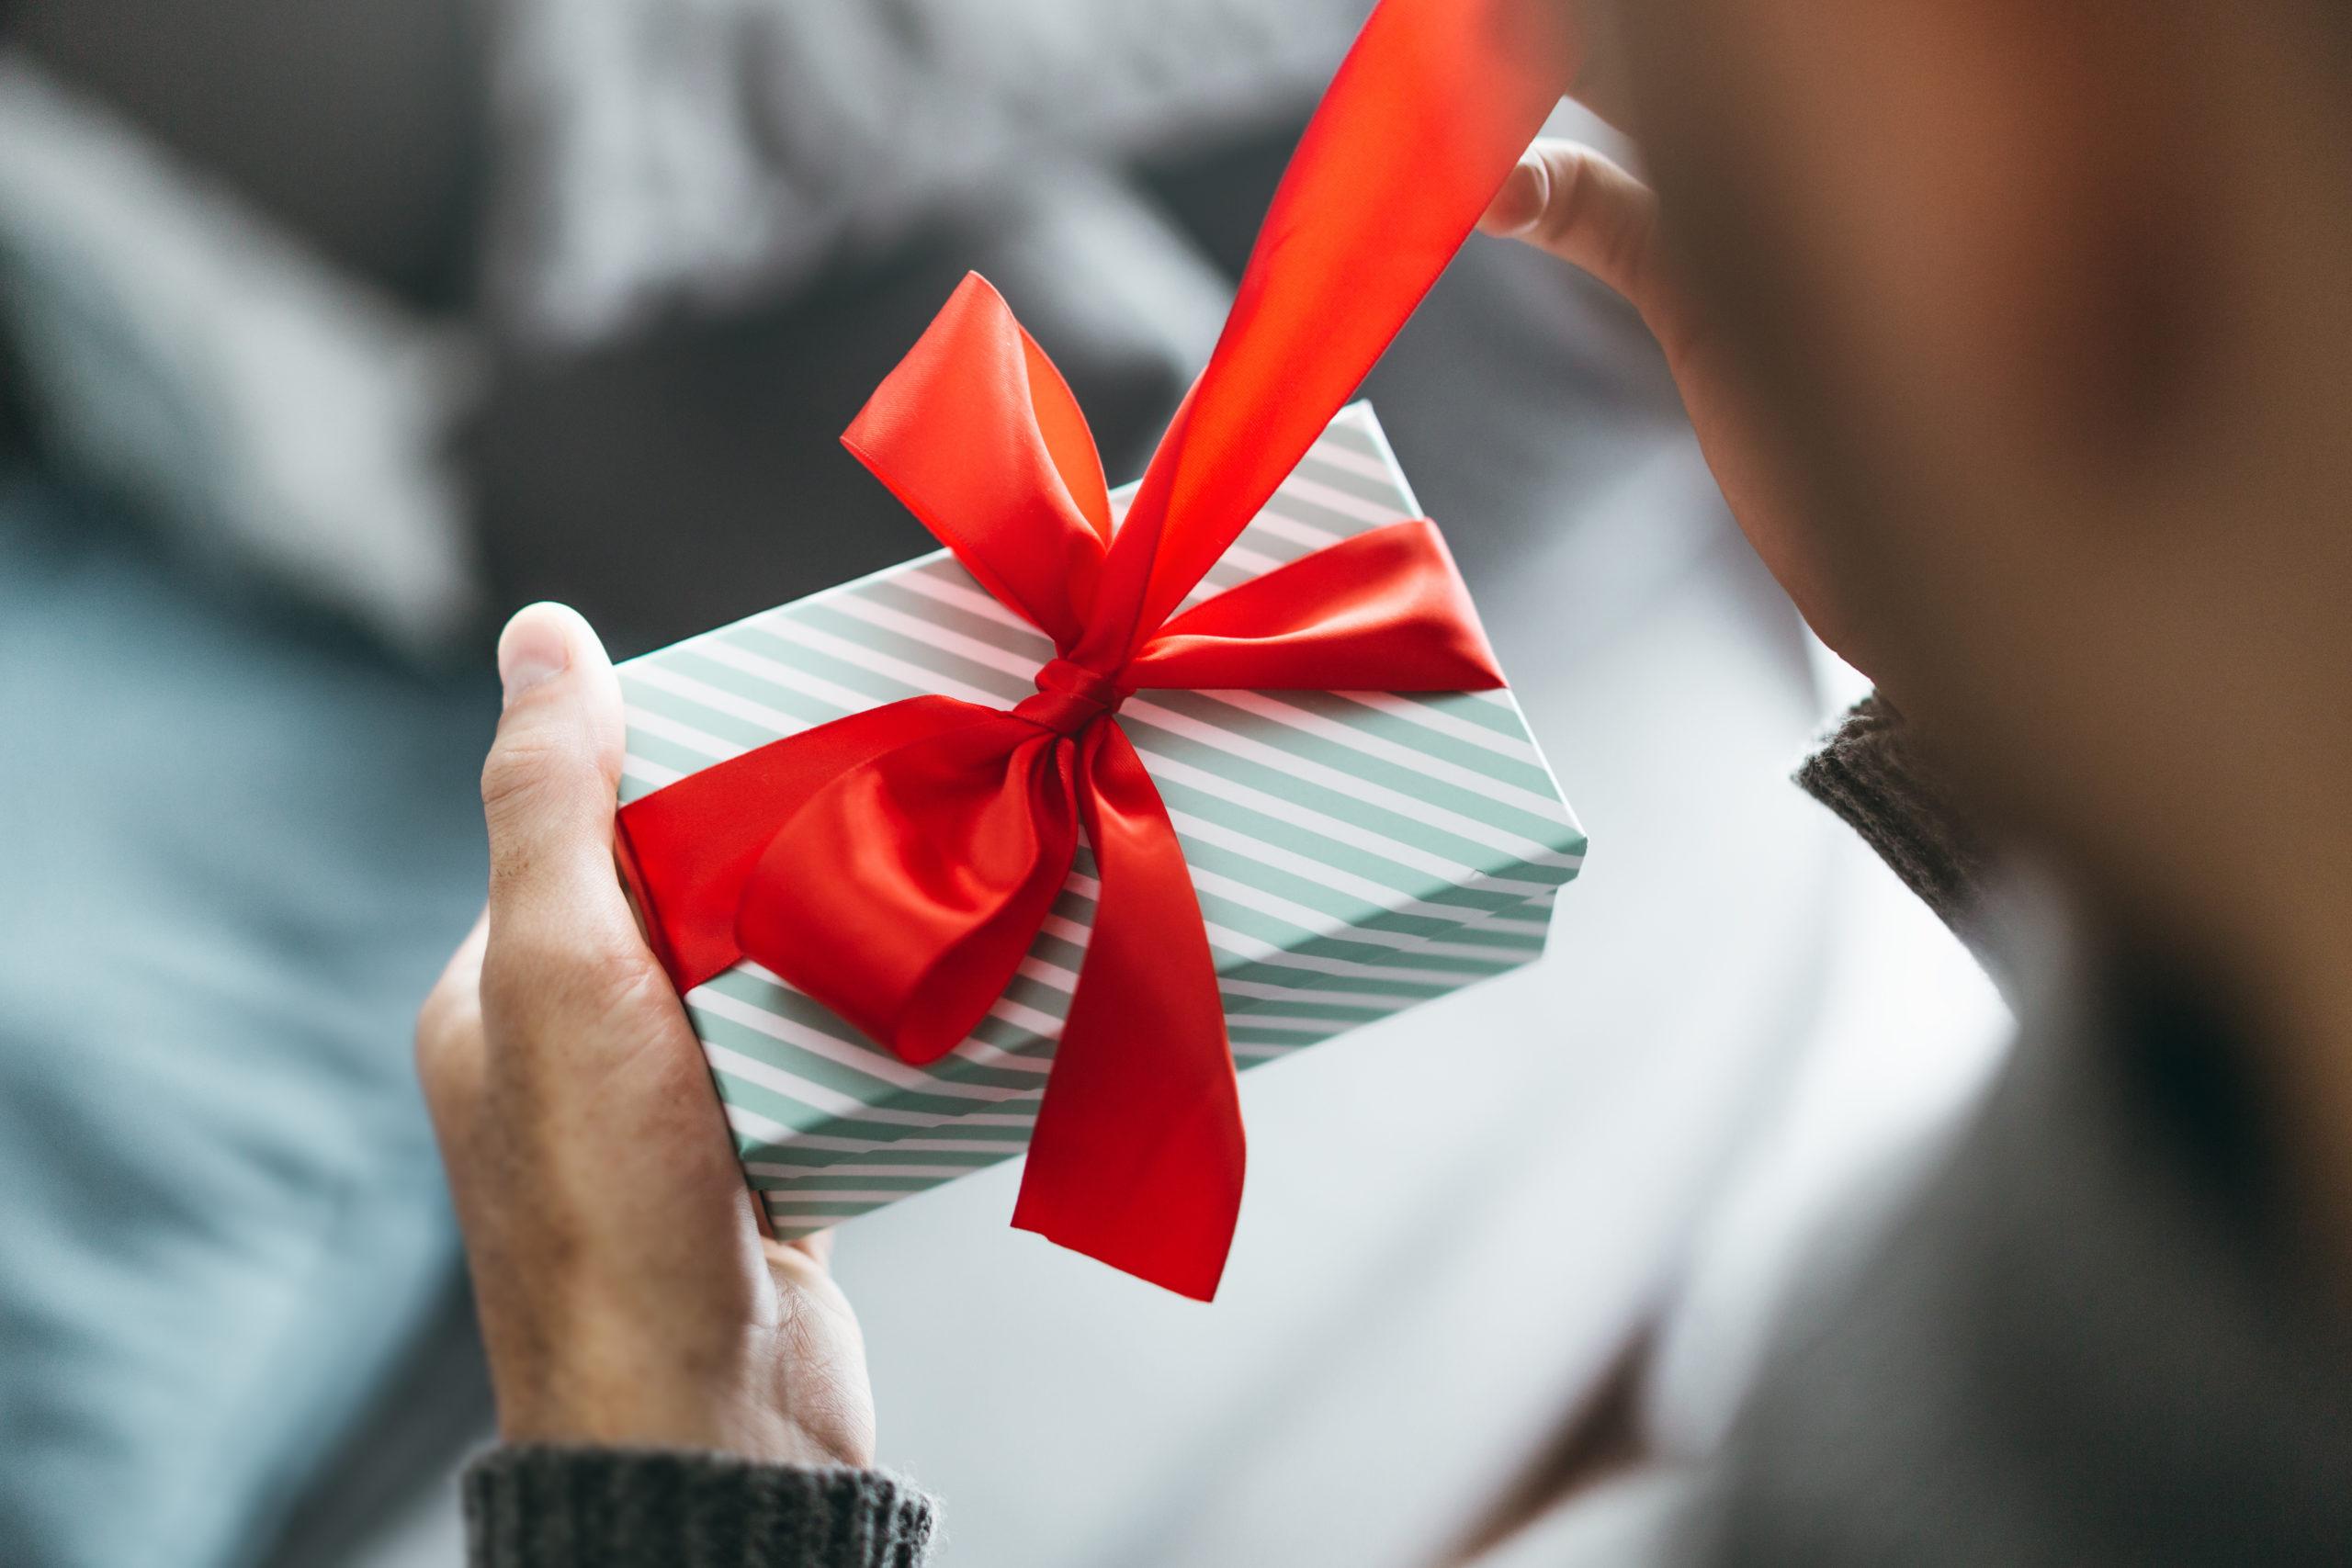 50代男性へのお手軽プレゼントにおすすめな靴下ブランド5選